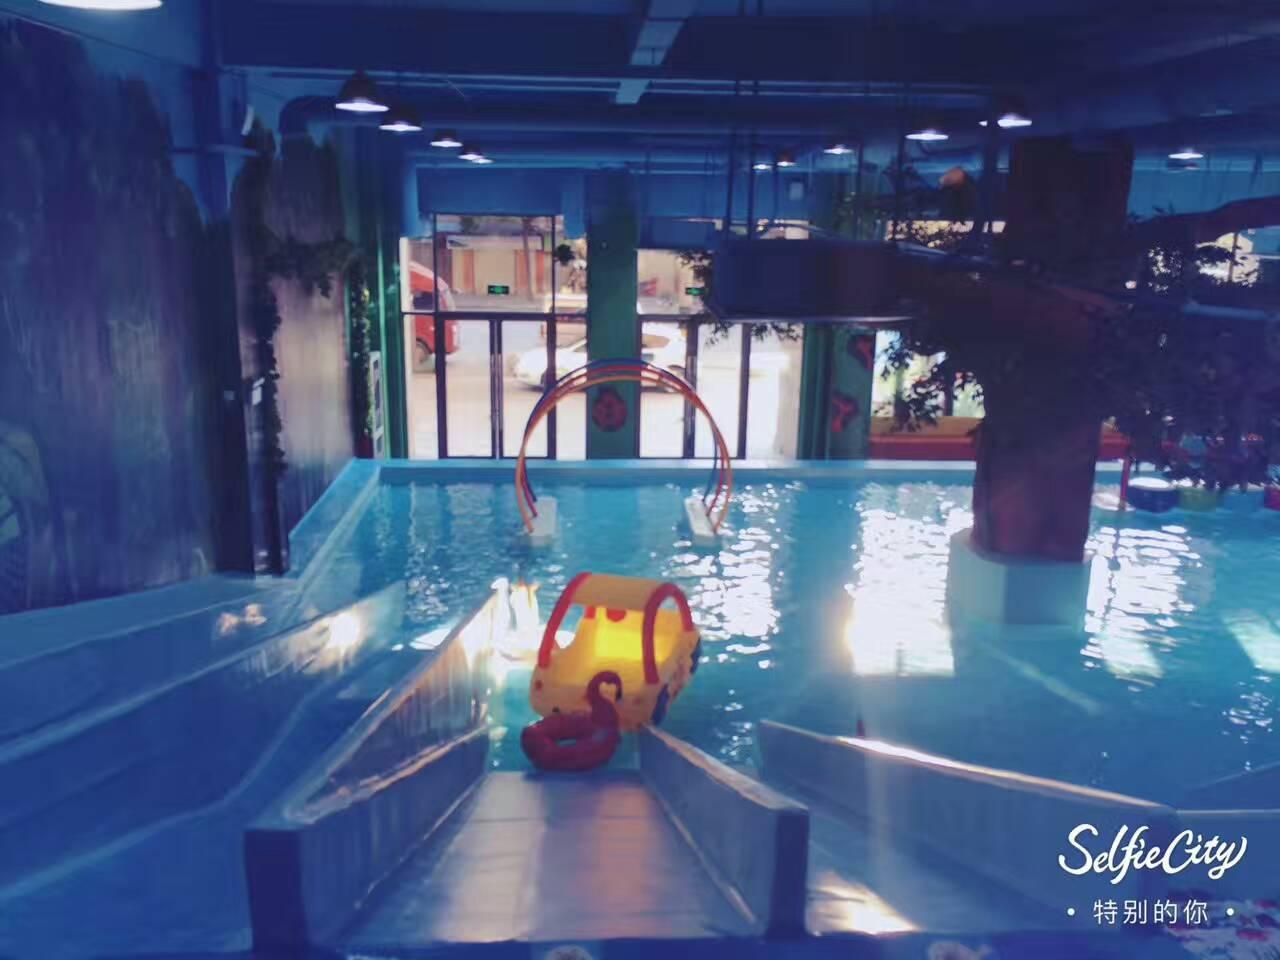 小蝌蚪儿童乐园安庆店